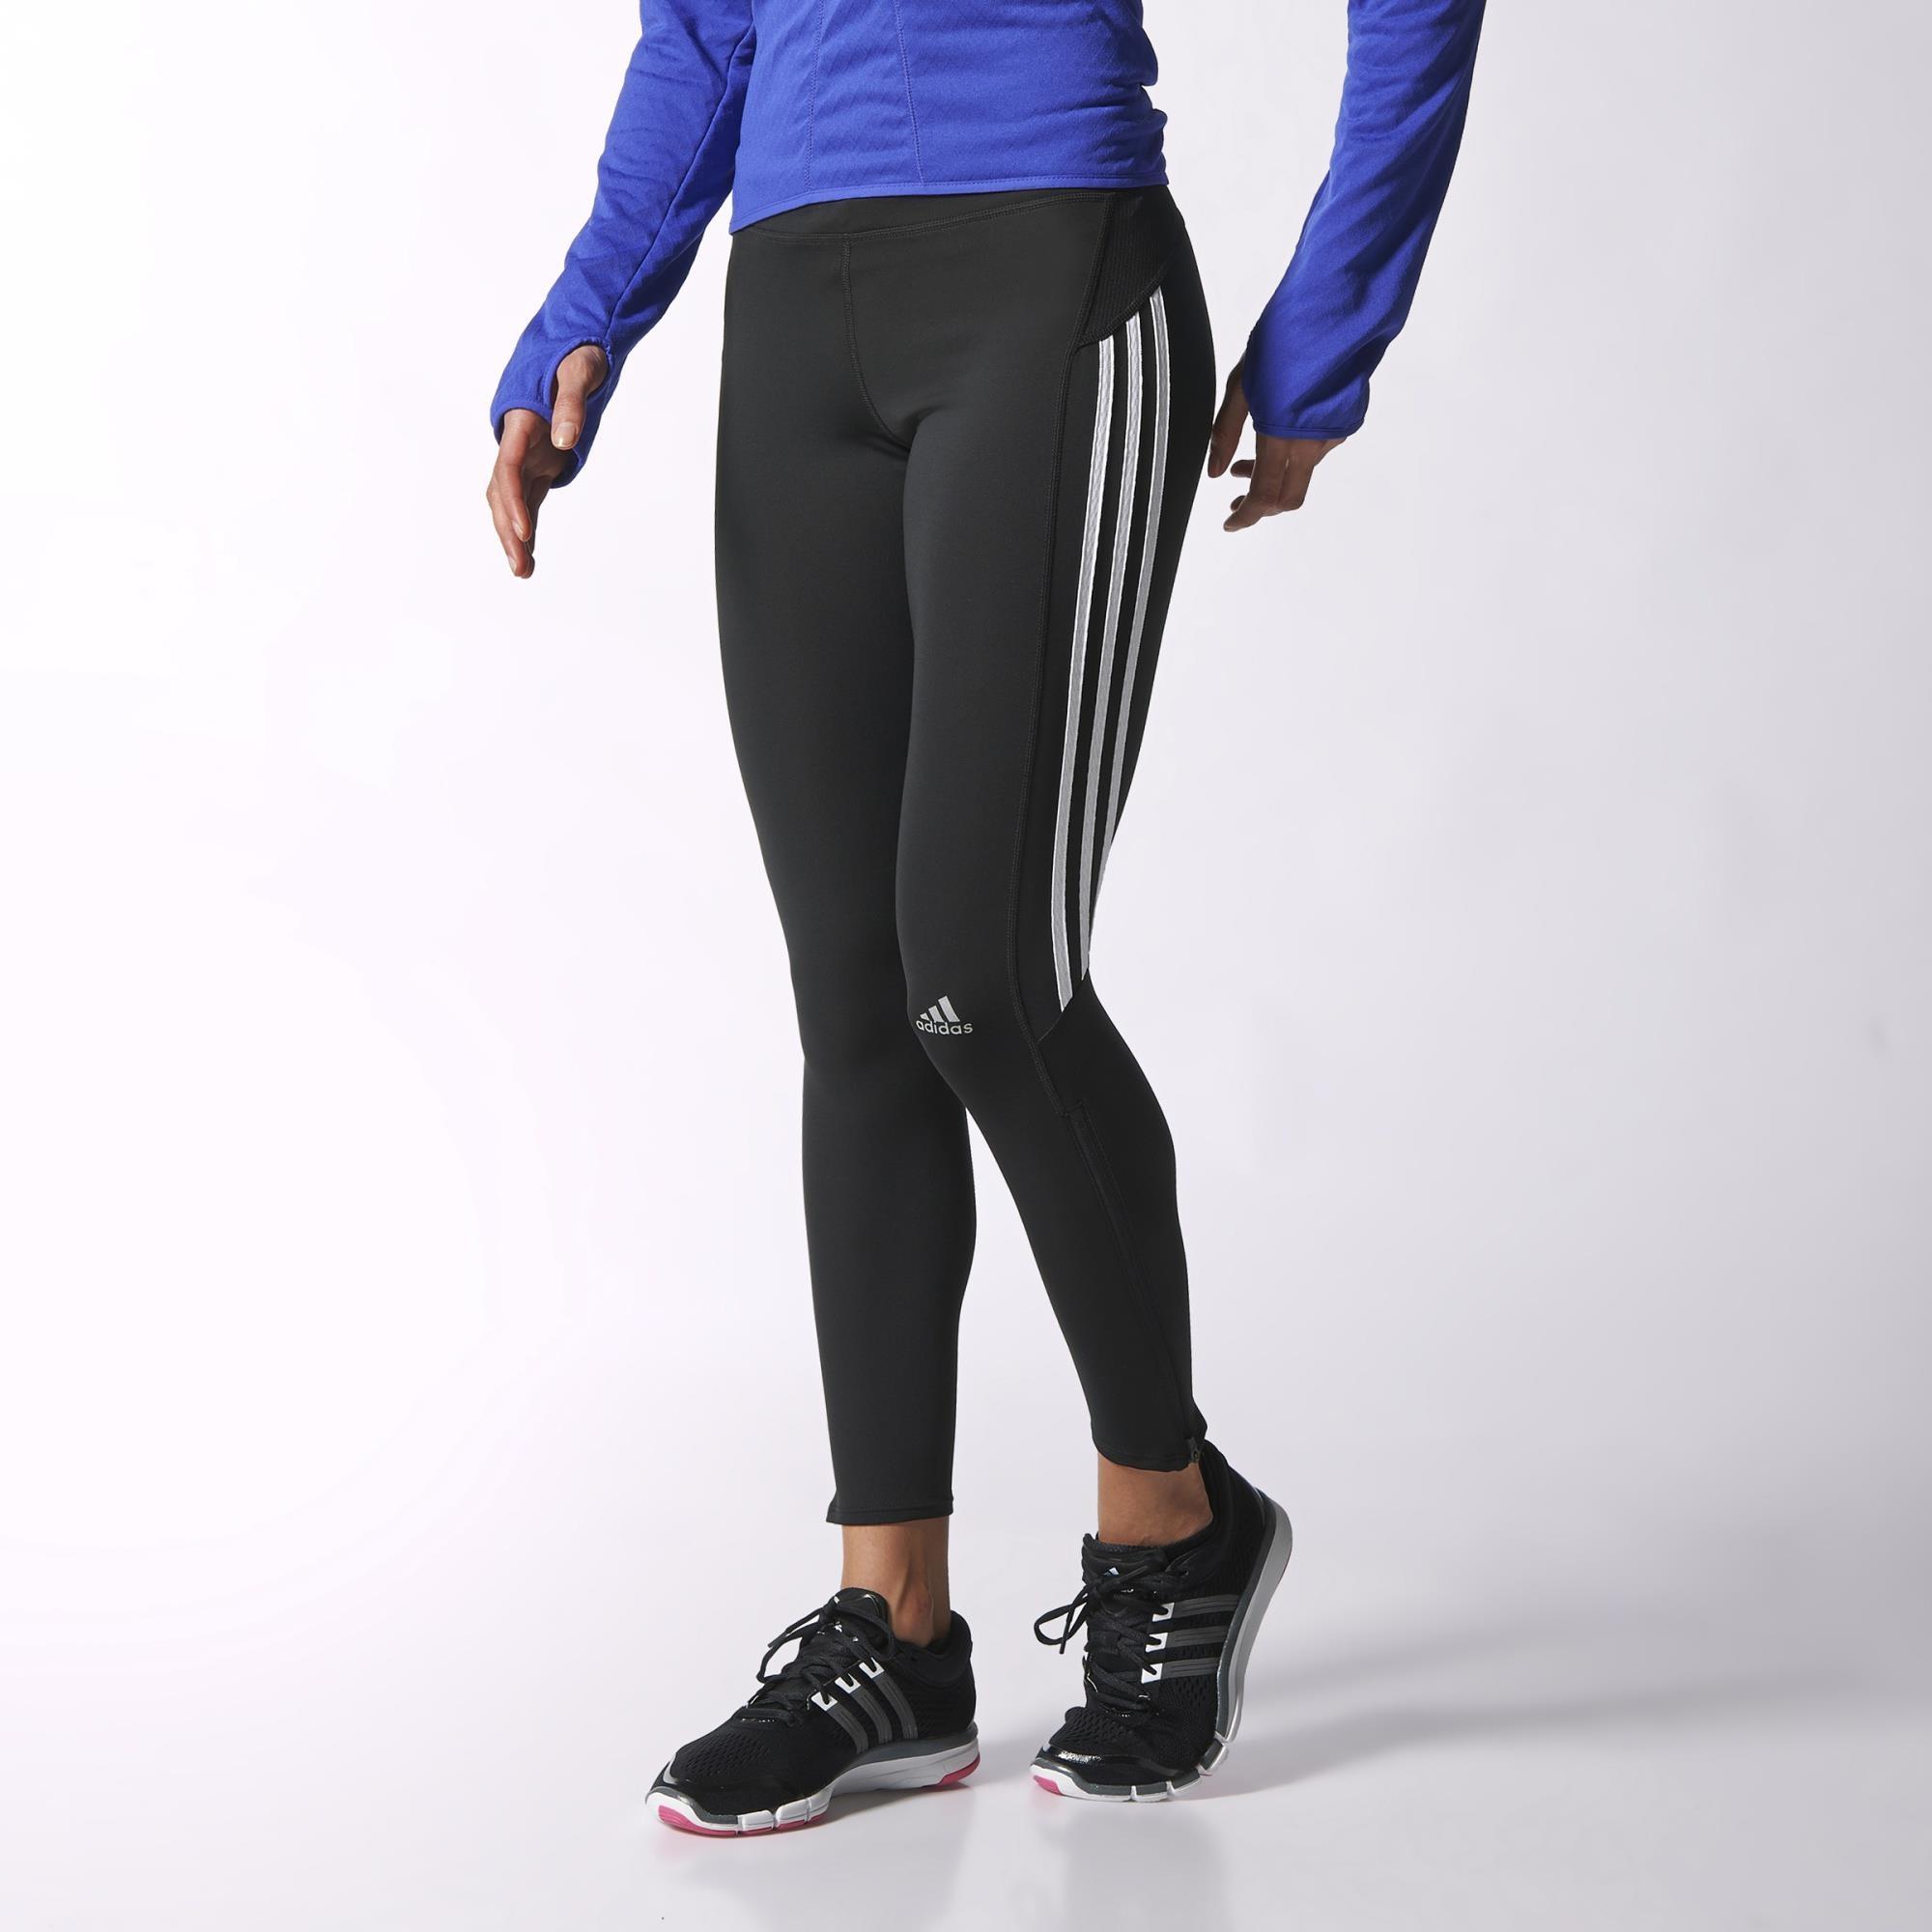 Adidas response long tights